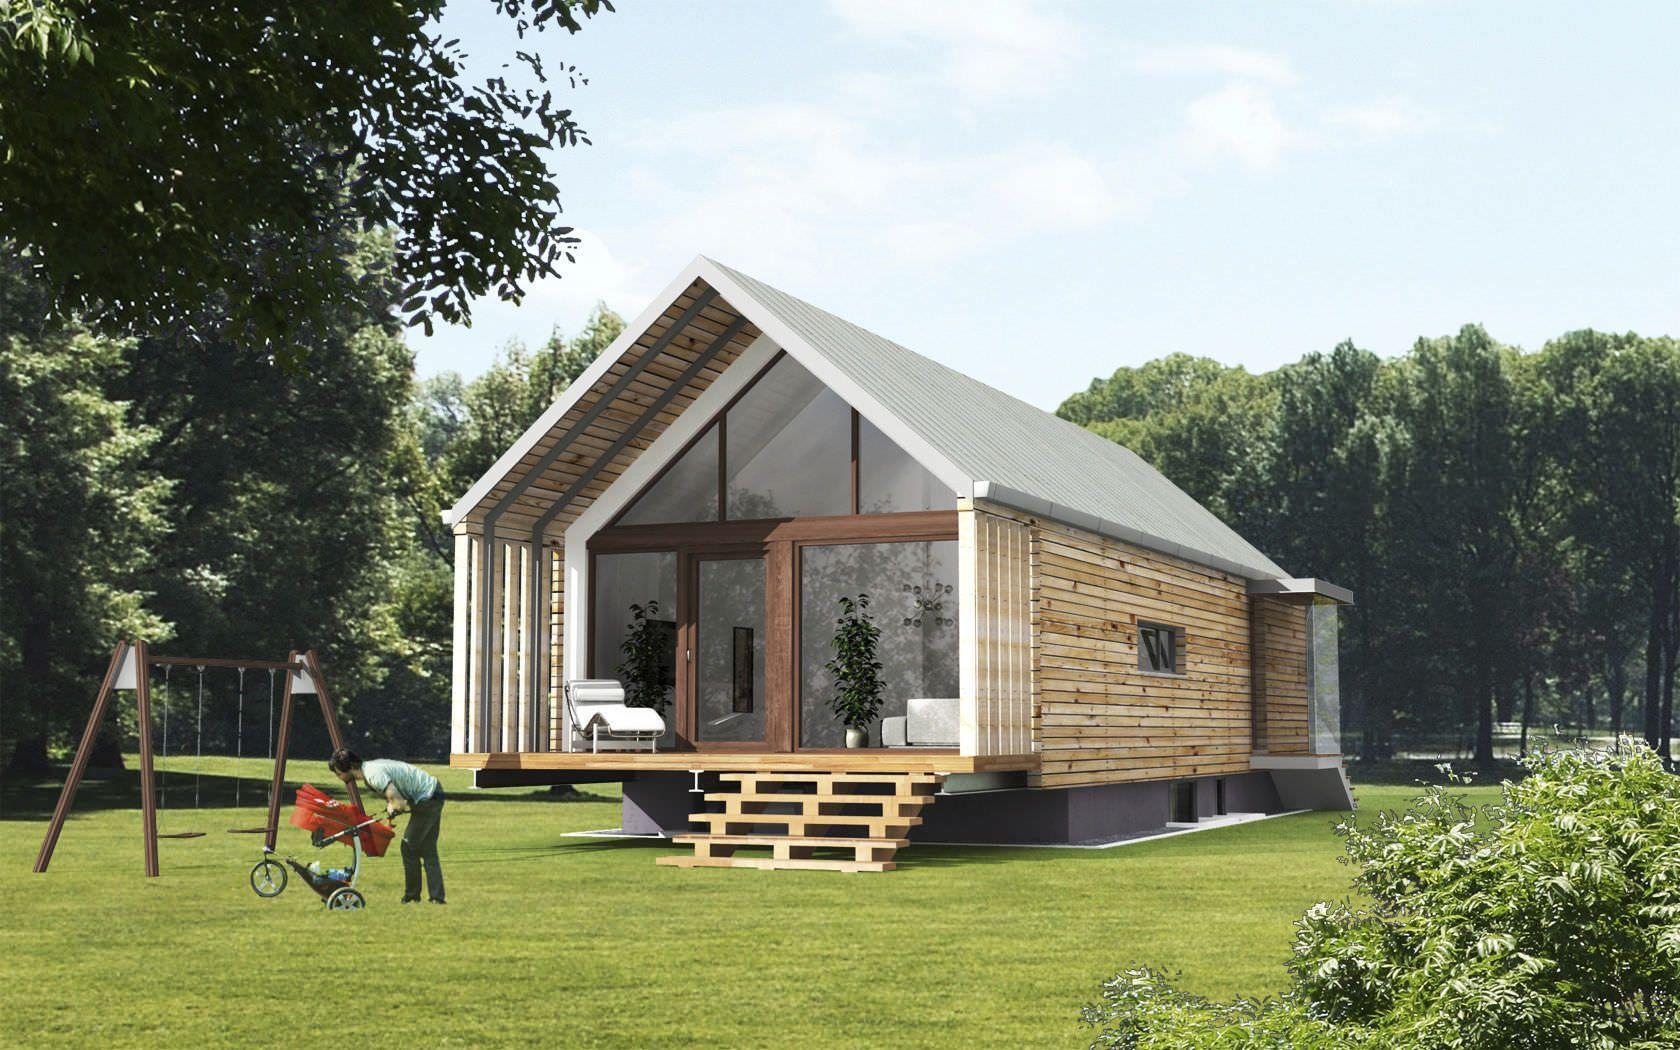 Maison Ossature Métallique Contemporaine maison contemporaine préfabriquée, à ossature bois, par